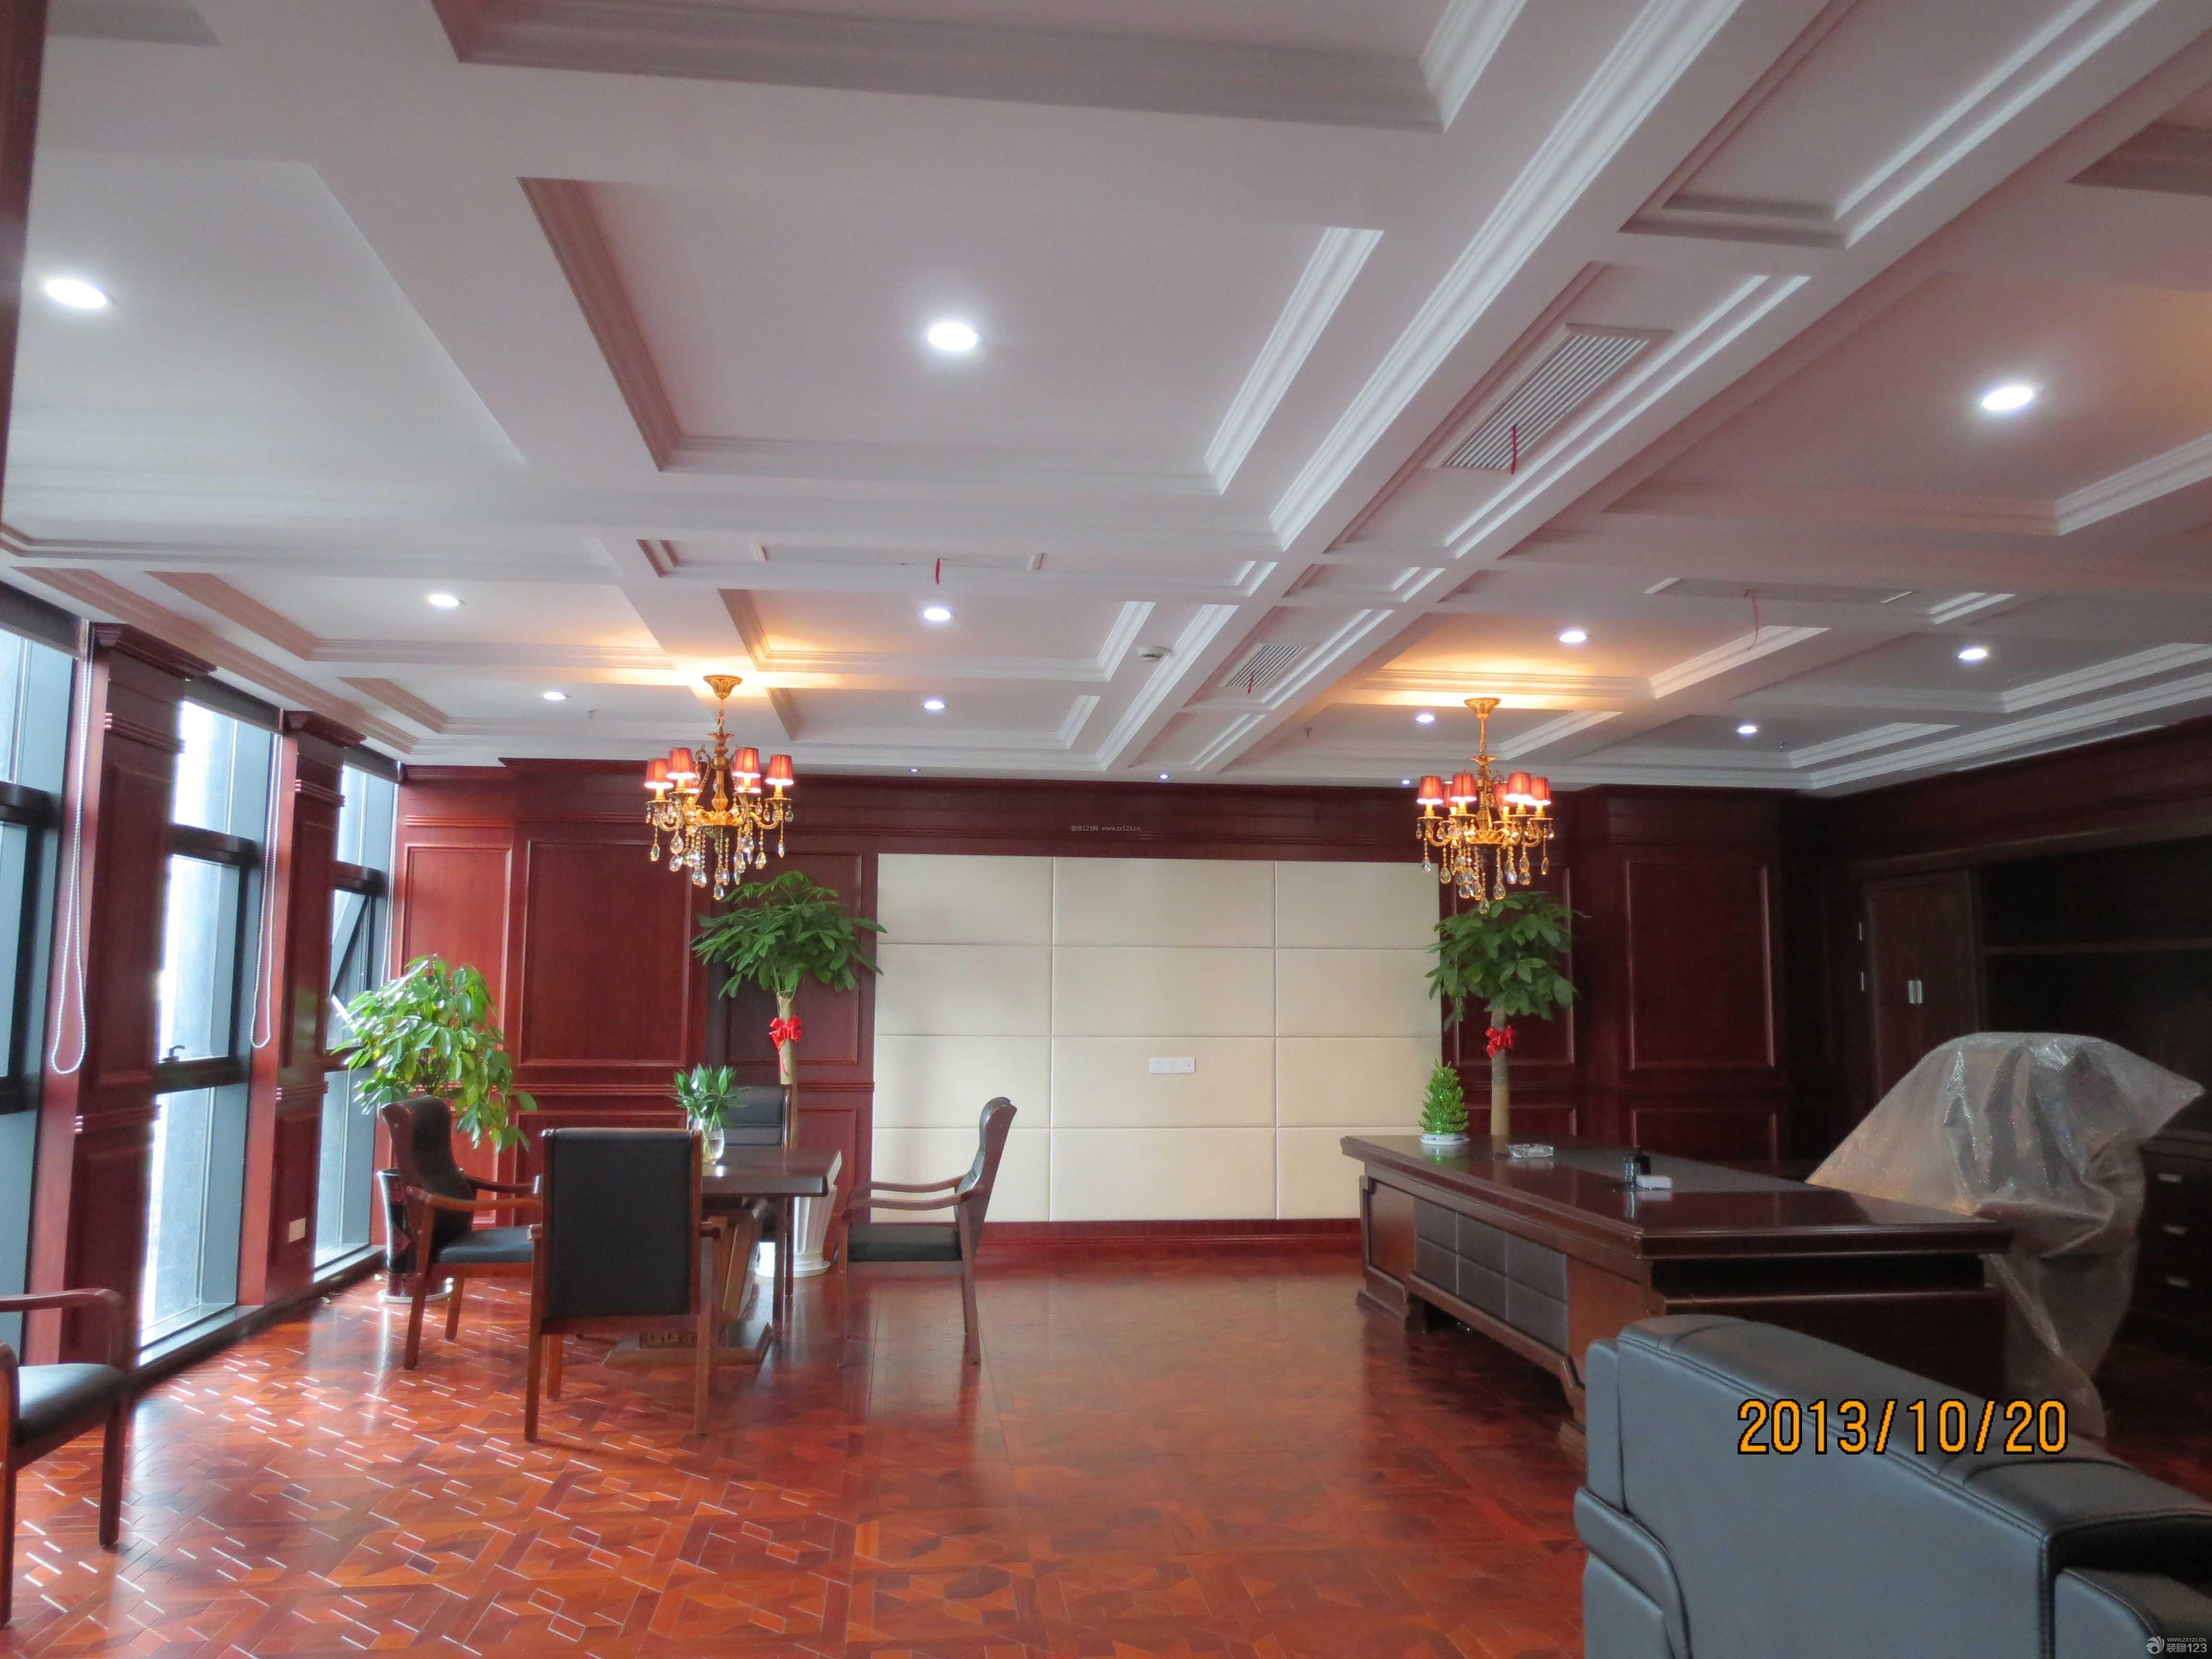 工装效果图 中式 现代中式风格经理办公室仿木地板地砖装修图片 提供